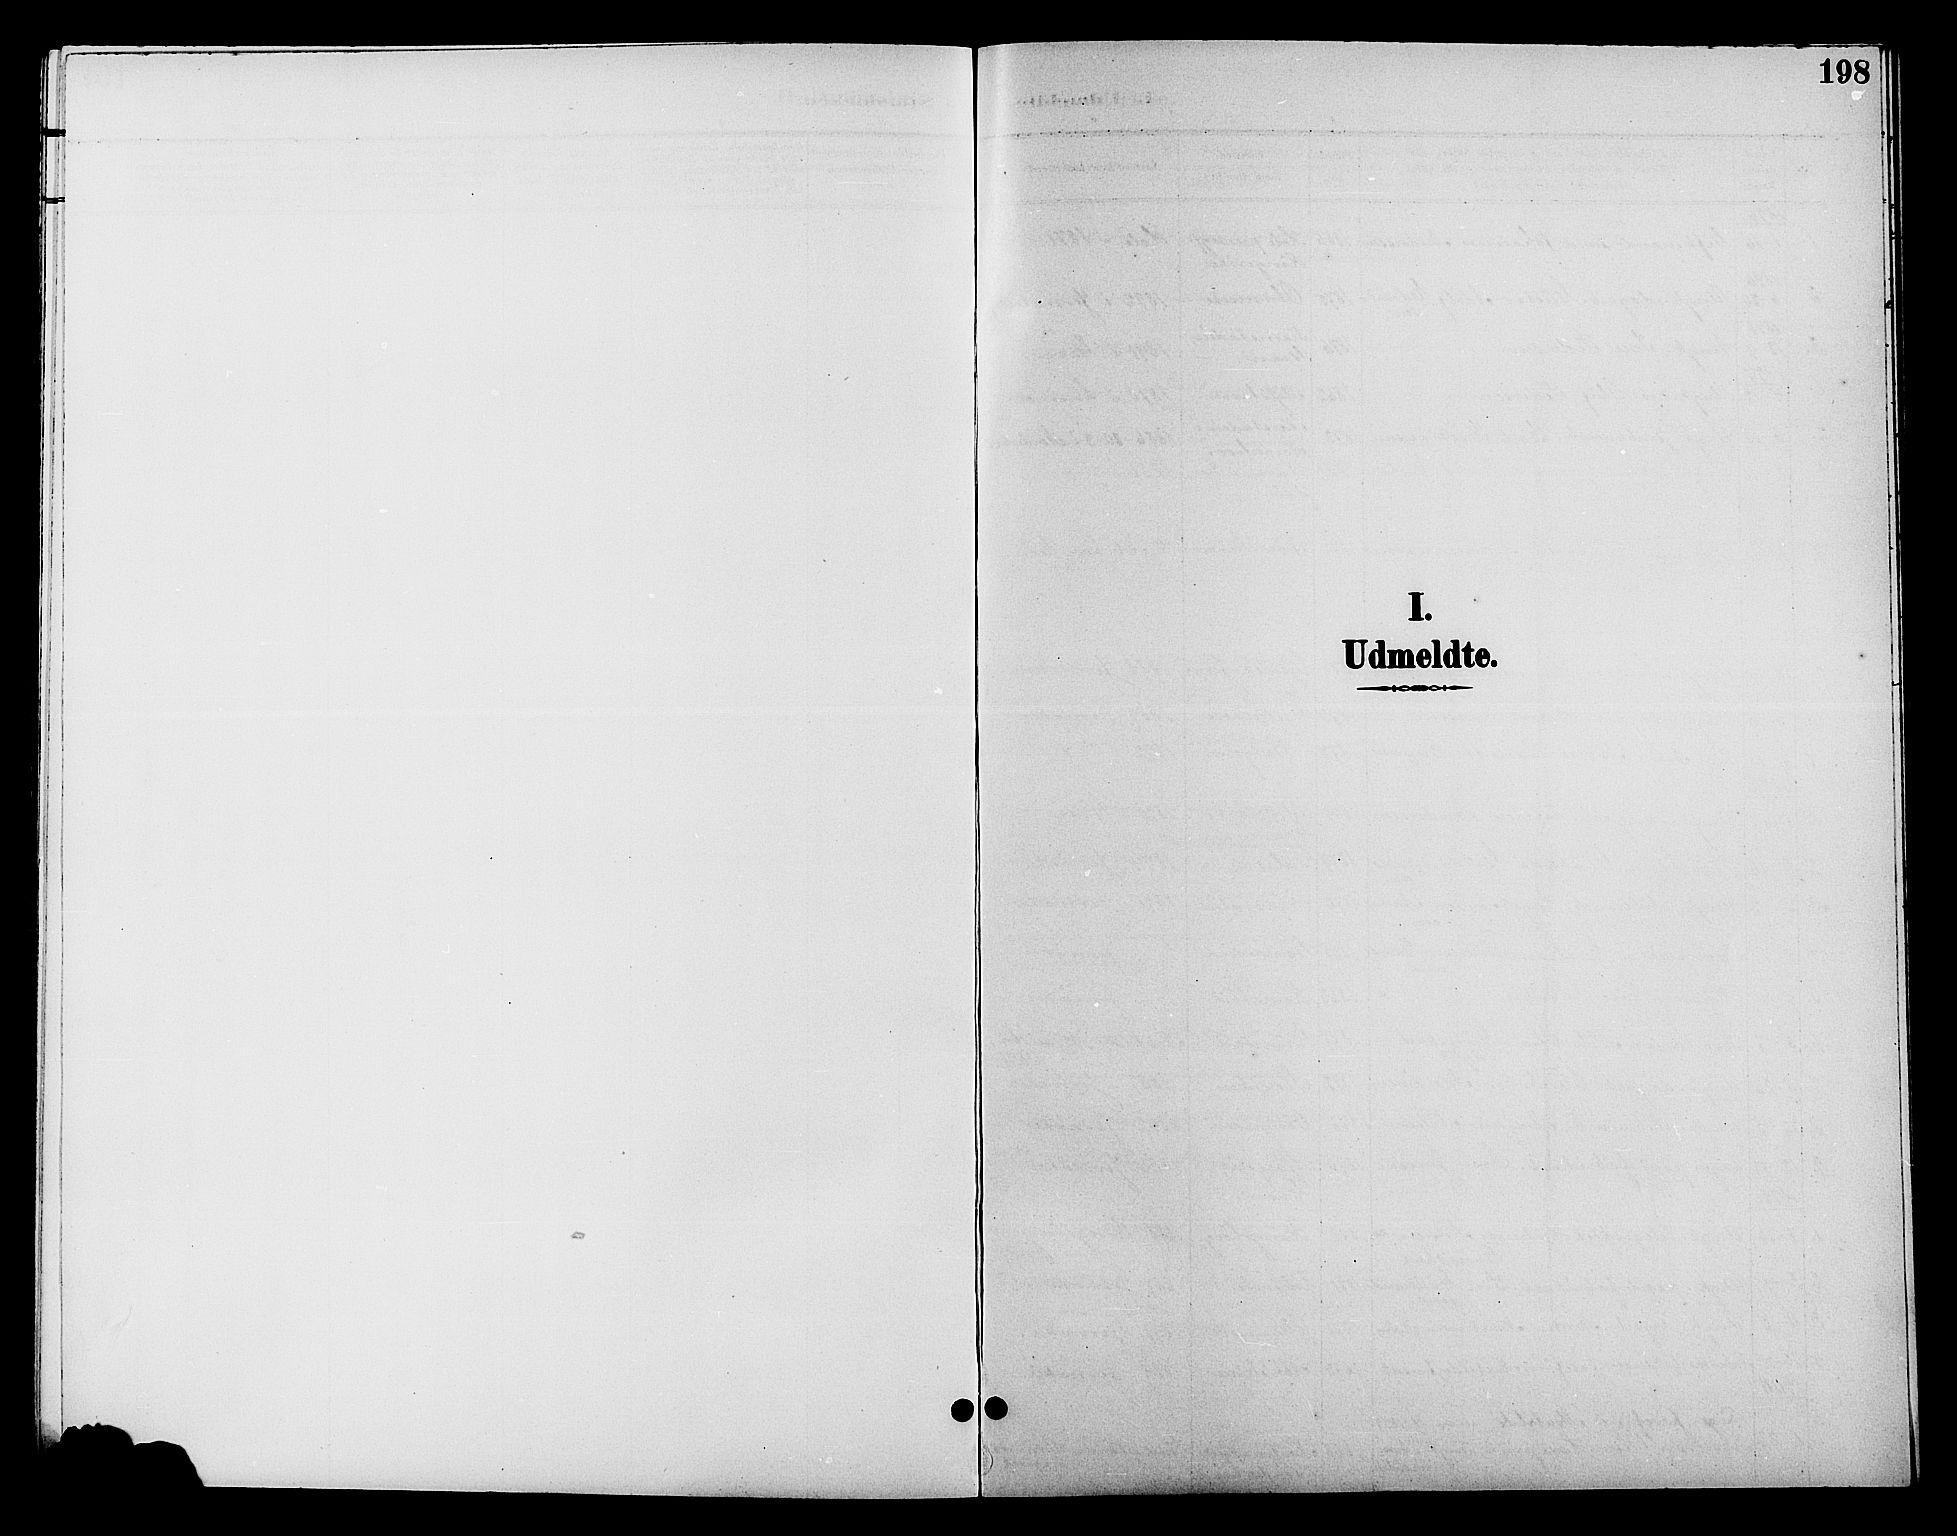 SAH, Jevnaker prestekontor, Klokkerbok nr. 2, 1896-1906, s. 198